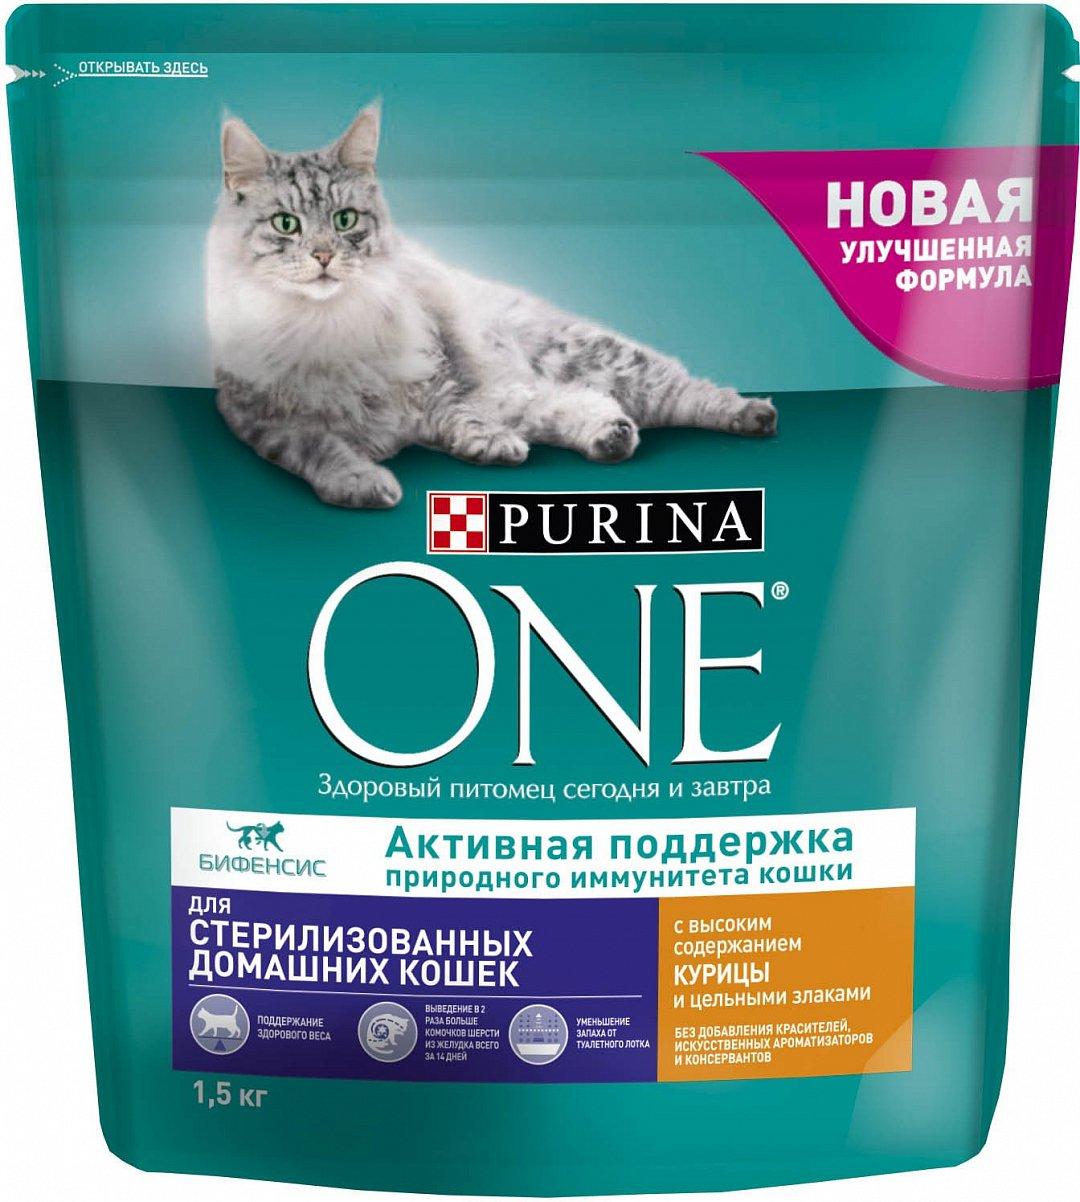 Сухой корм для кошек Purina One, для стерилизованных, курица, цельные злаки, 1,5кг